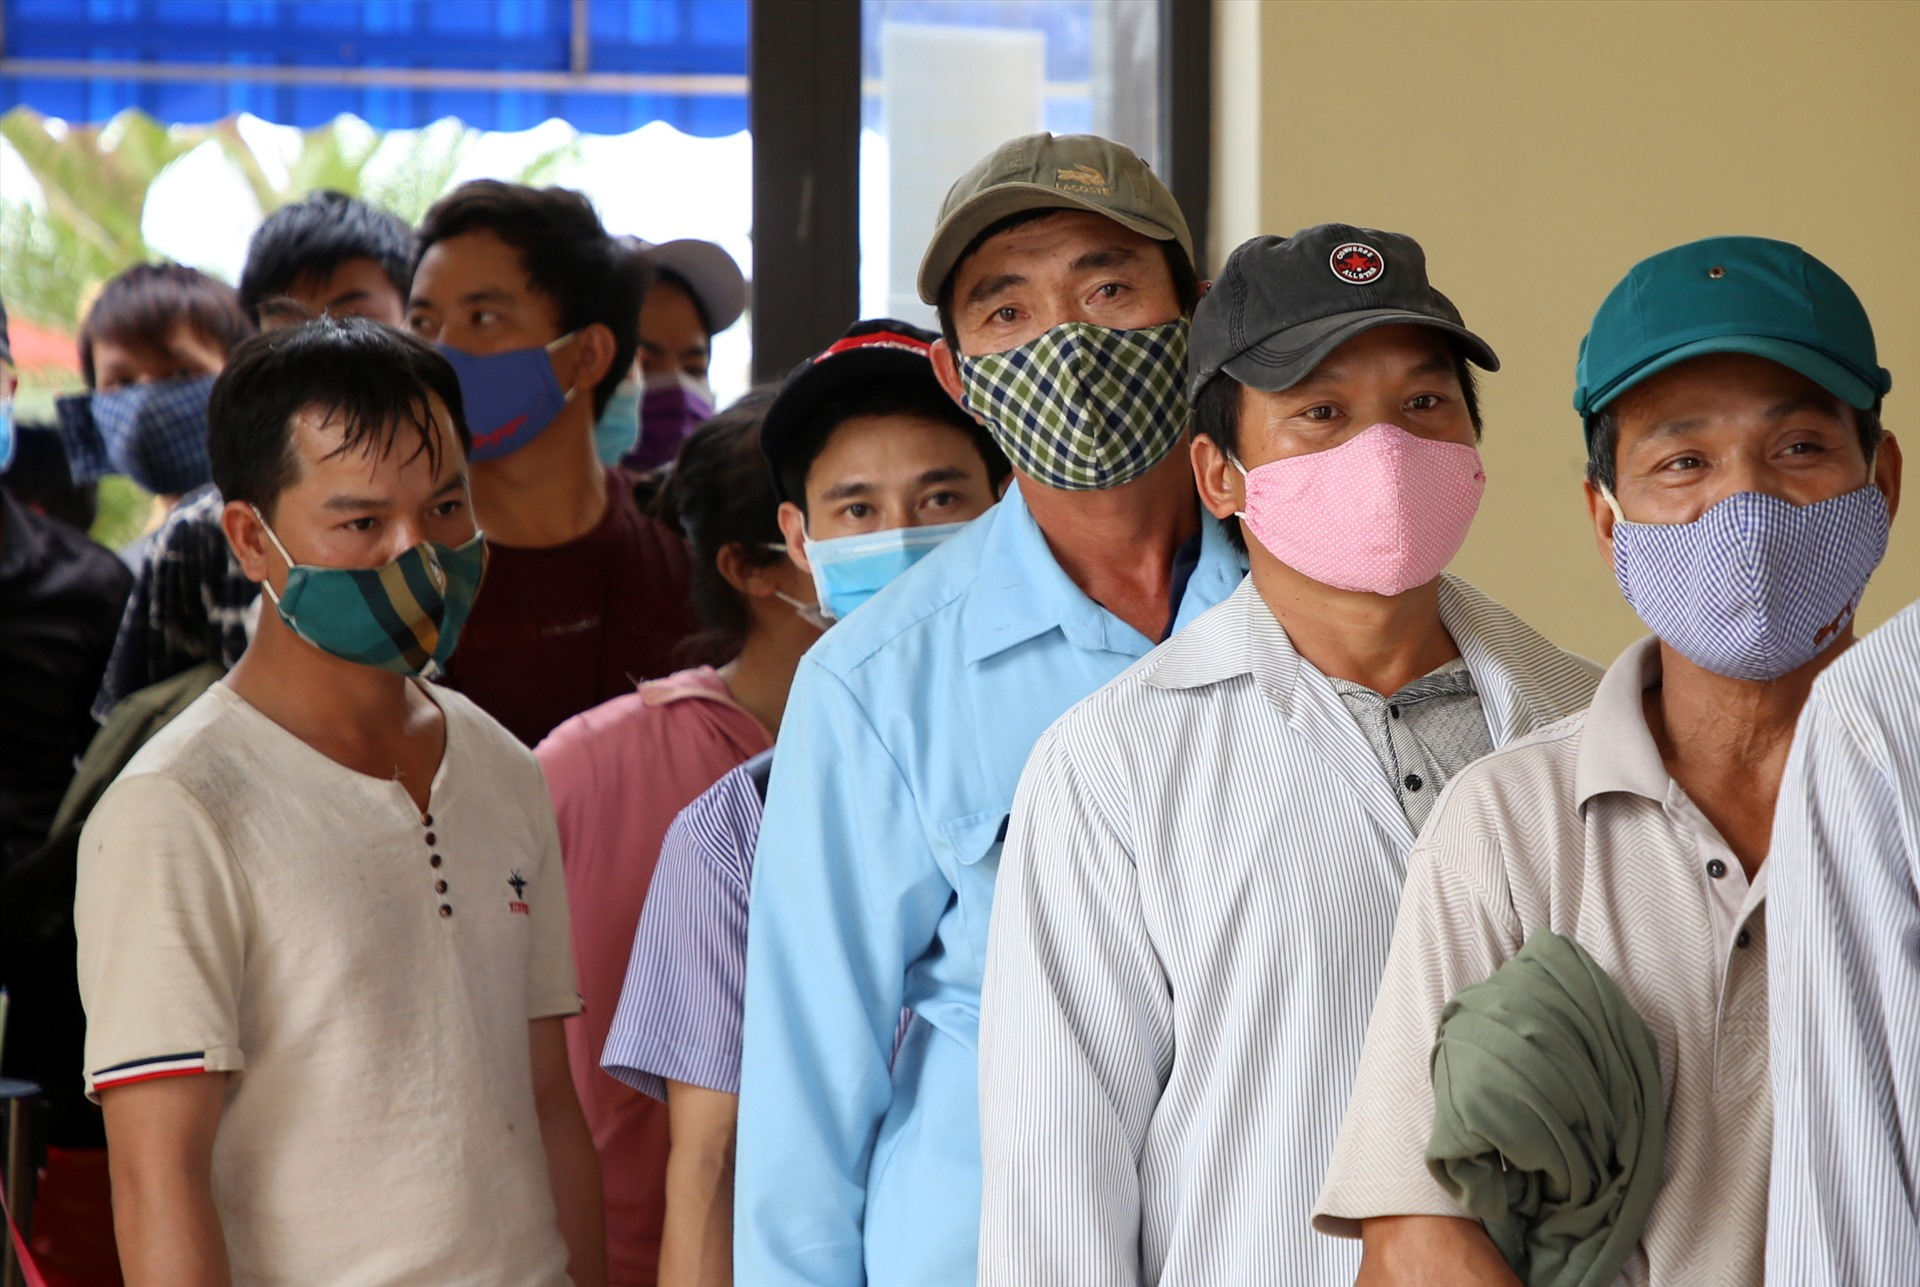 Những người đàn ông này làm việc Lào, nhưng trước thông tin dịch COVID-19 diễn biến phức tạp, họ đã trở về quê. Dù việc xếp hàng đợi làm thủ tục khá lâu, nhưng ai cũng chấp hành, vui mừng vì đến quê nhà an toàn.